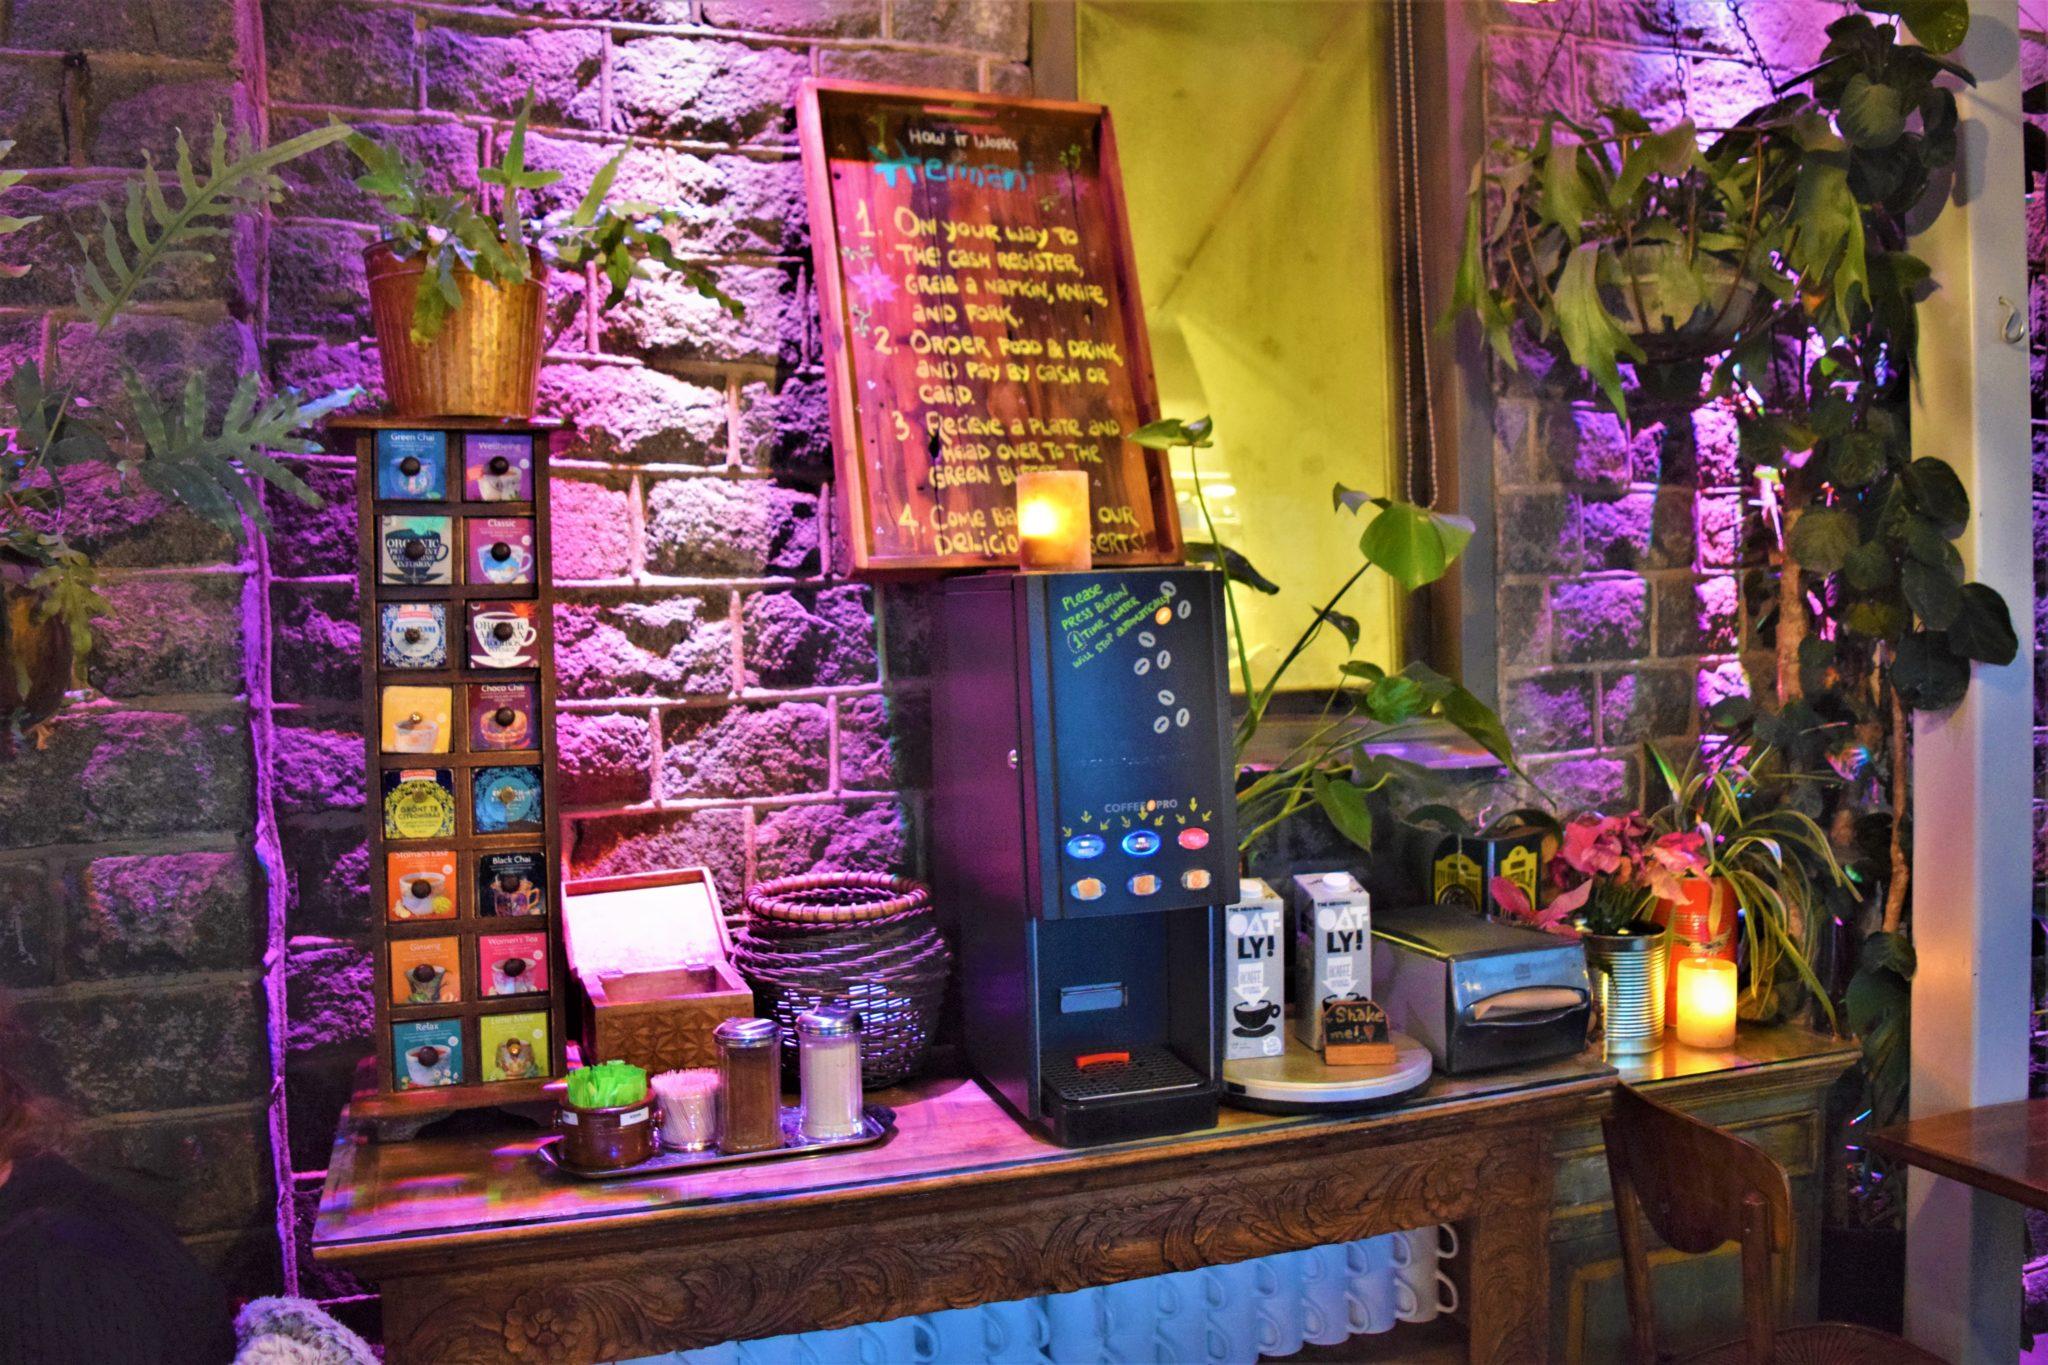 Coffee, Herman's vegan buffet, stockhom, Sweden